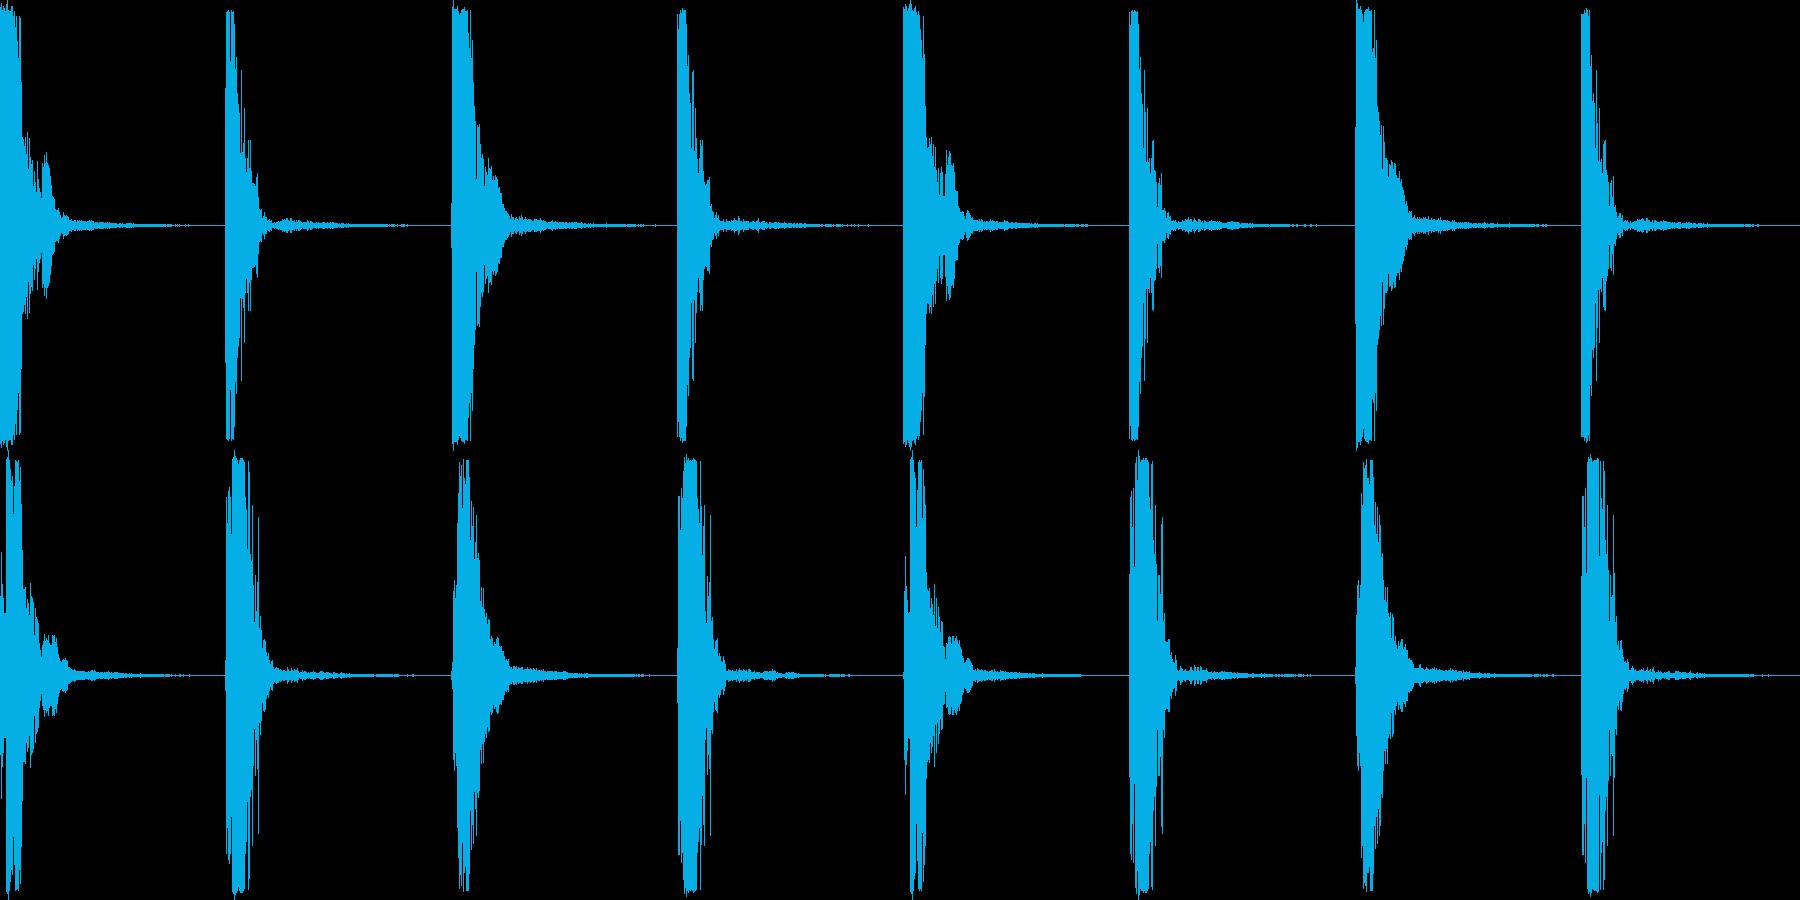 カッチコッチの再生済みの波形